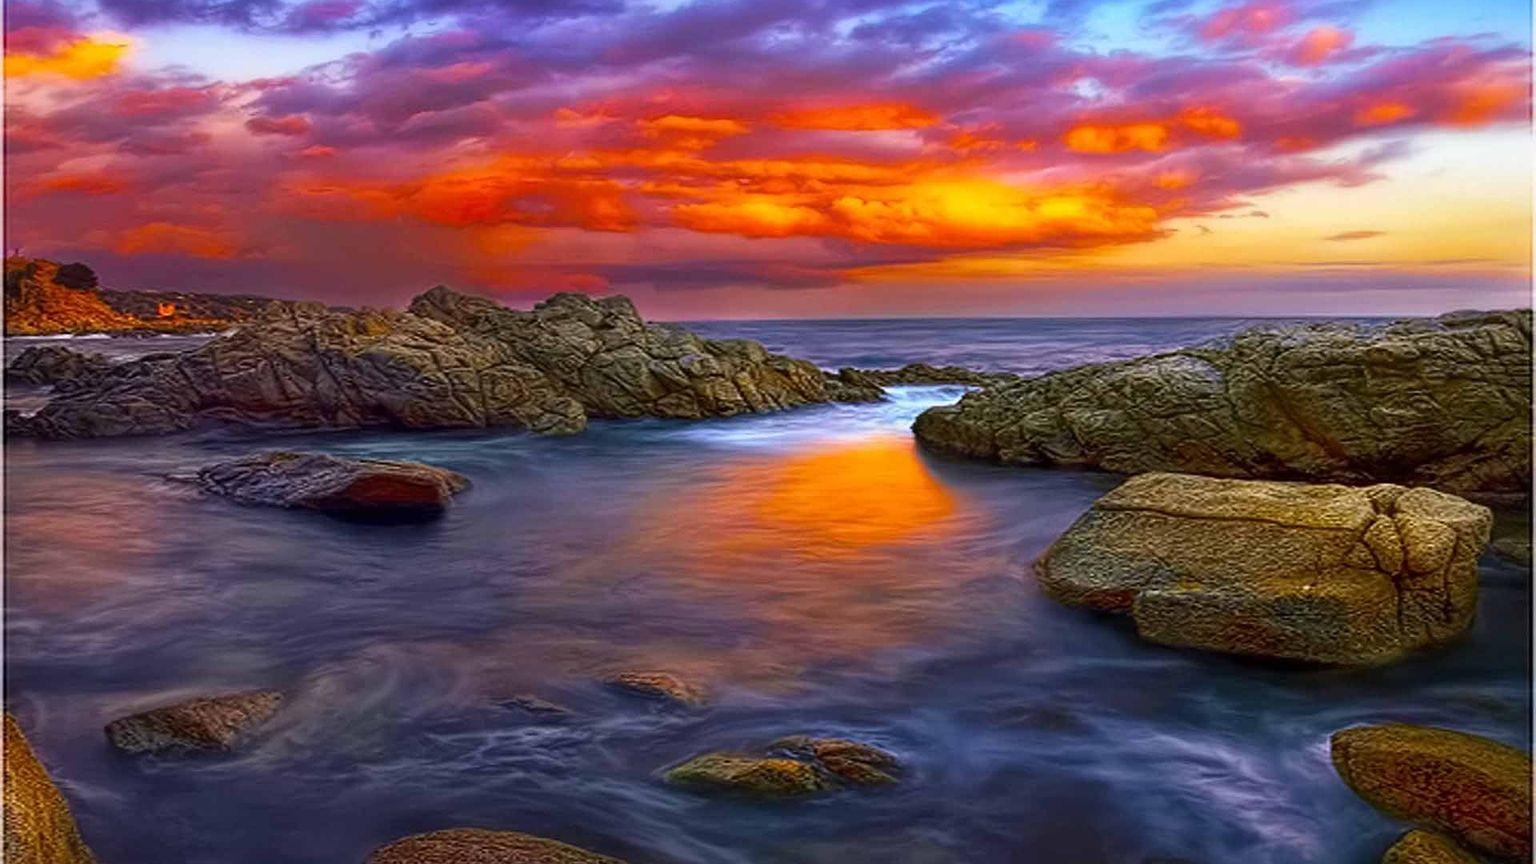 Fond d 39 cran de coucher de soleil - Fond ecran coucher de soleil sur la mer ...